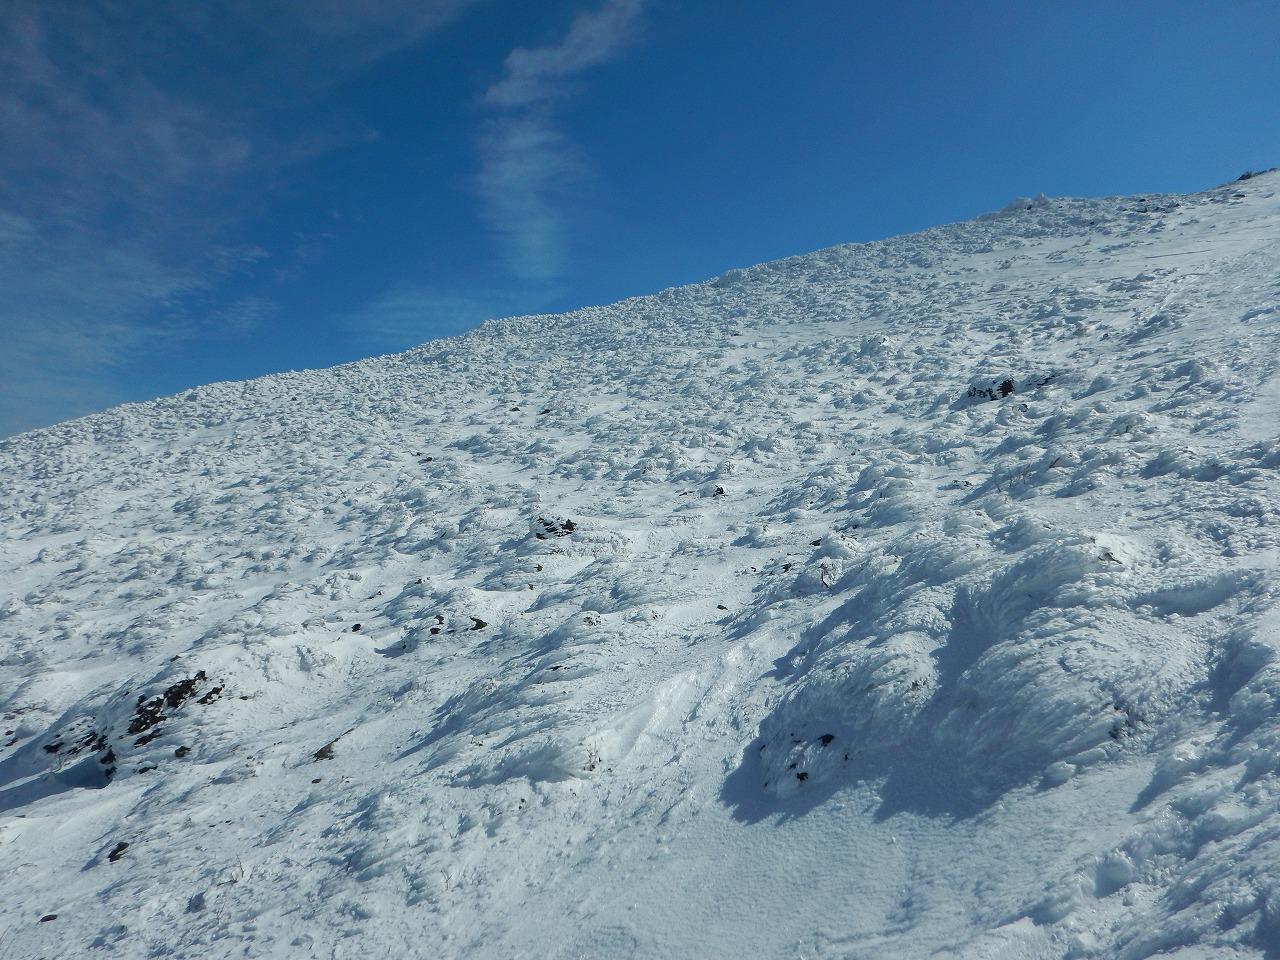 すさまじい冬山の景色